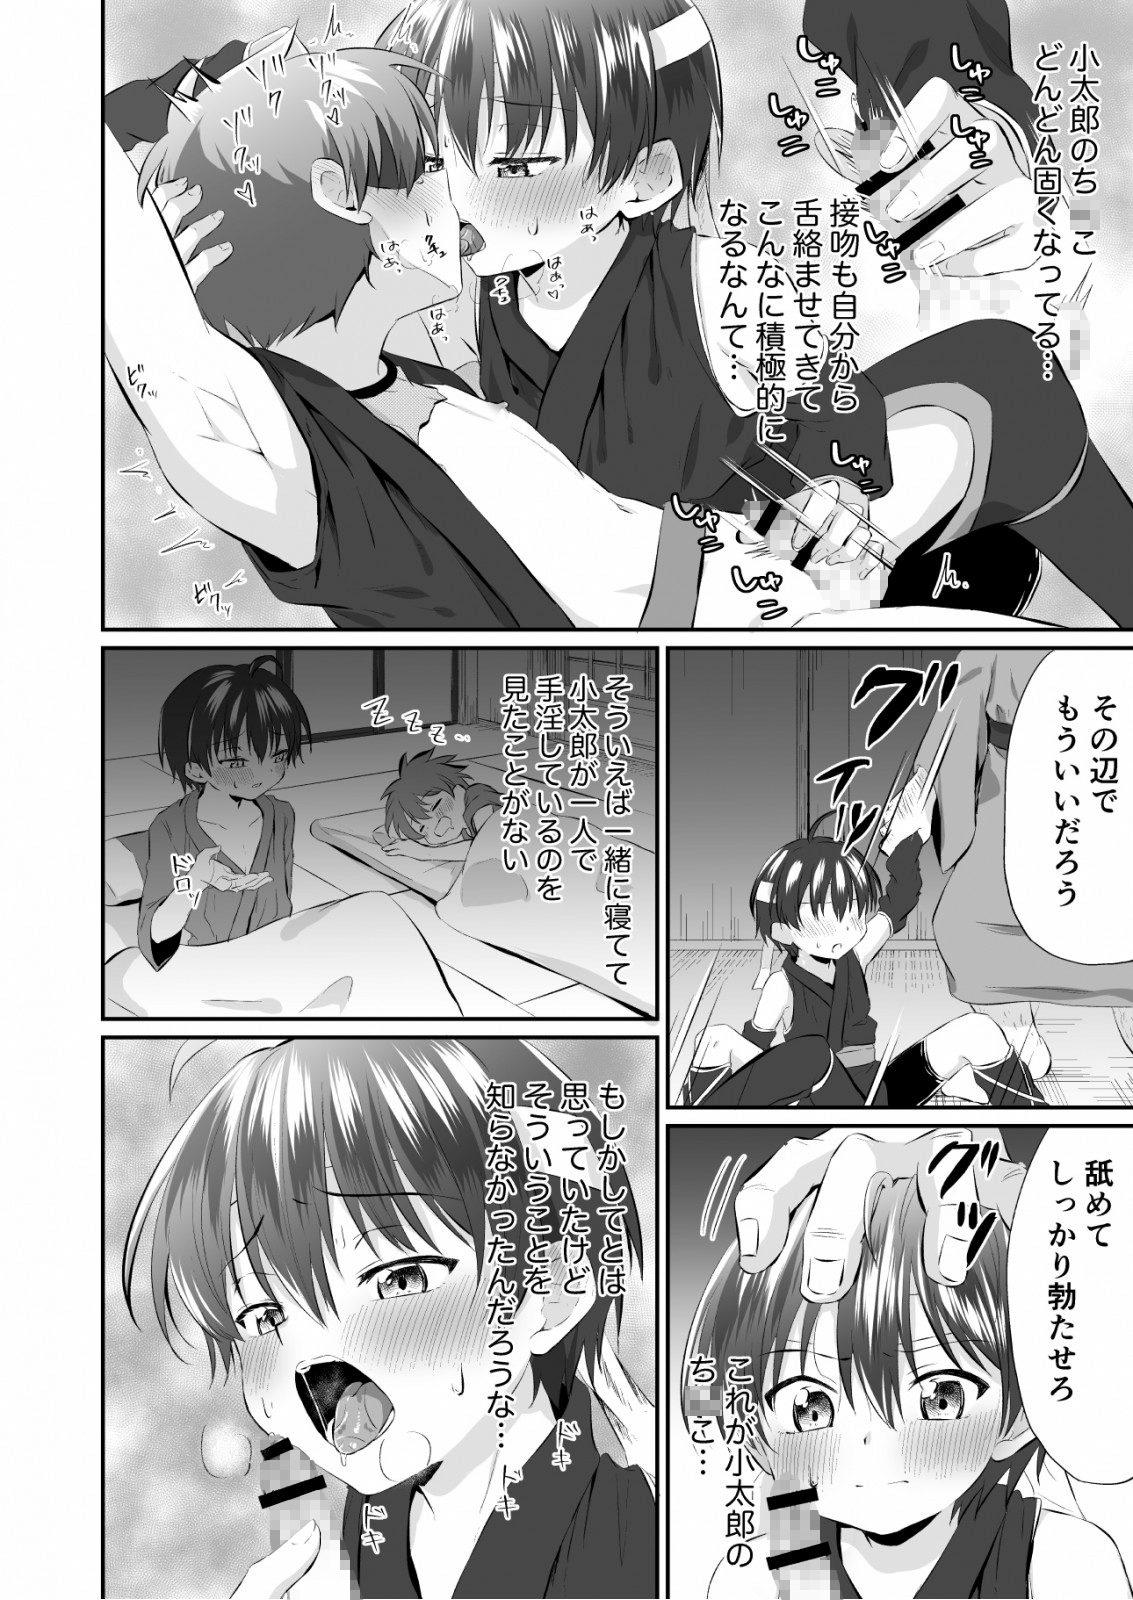 [ぺこ連盟] の【忍者少年調教日記-小太郎・半助編-】